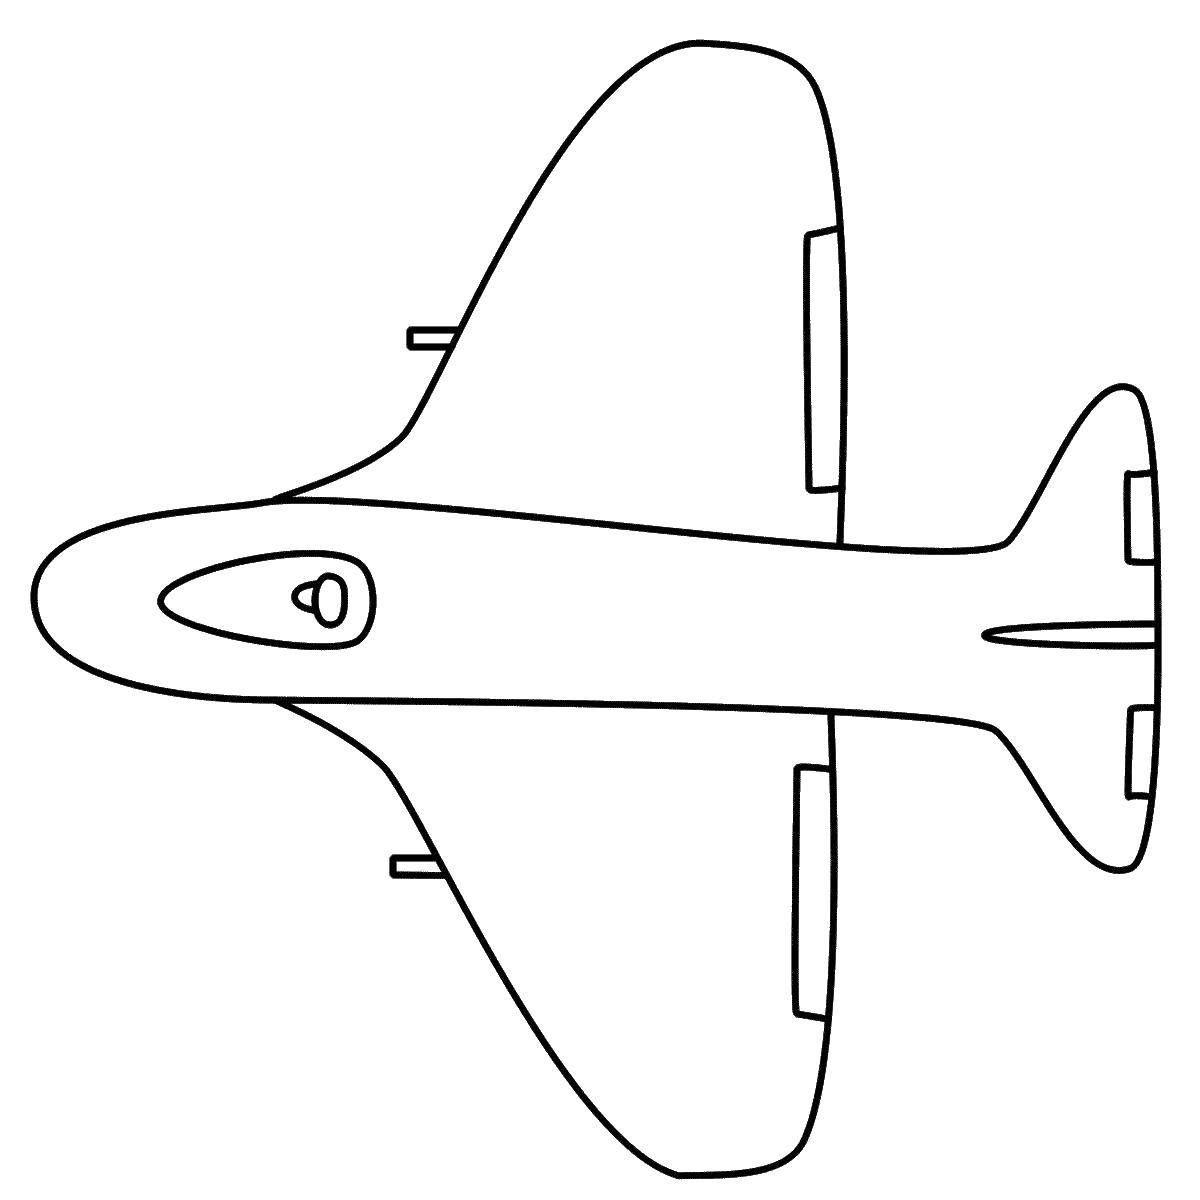 таким картинки как нарисовать самолет сверху увд